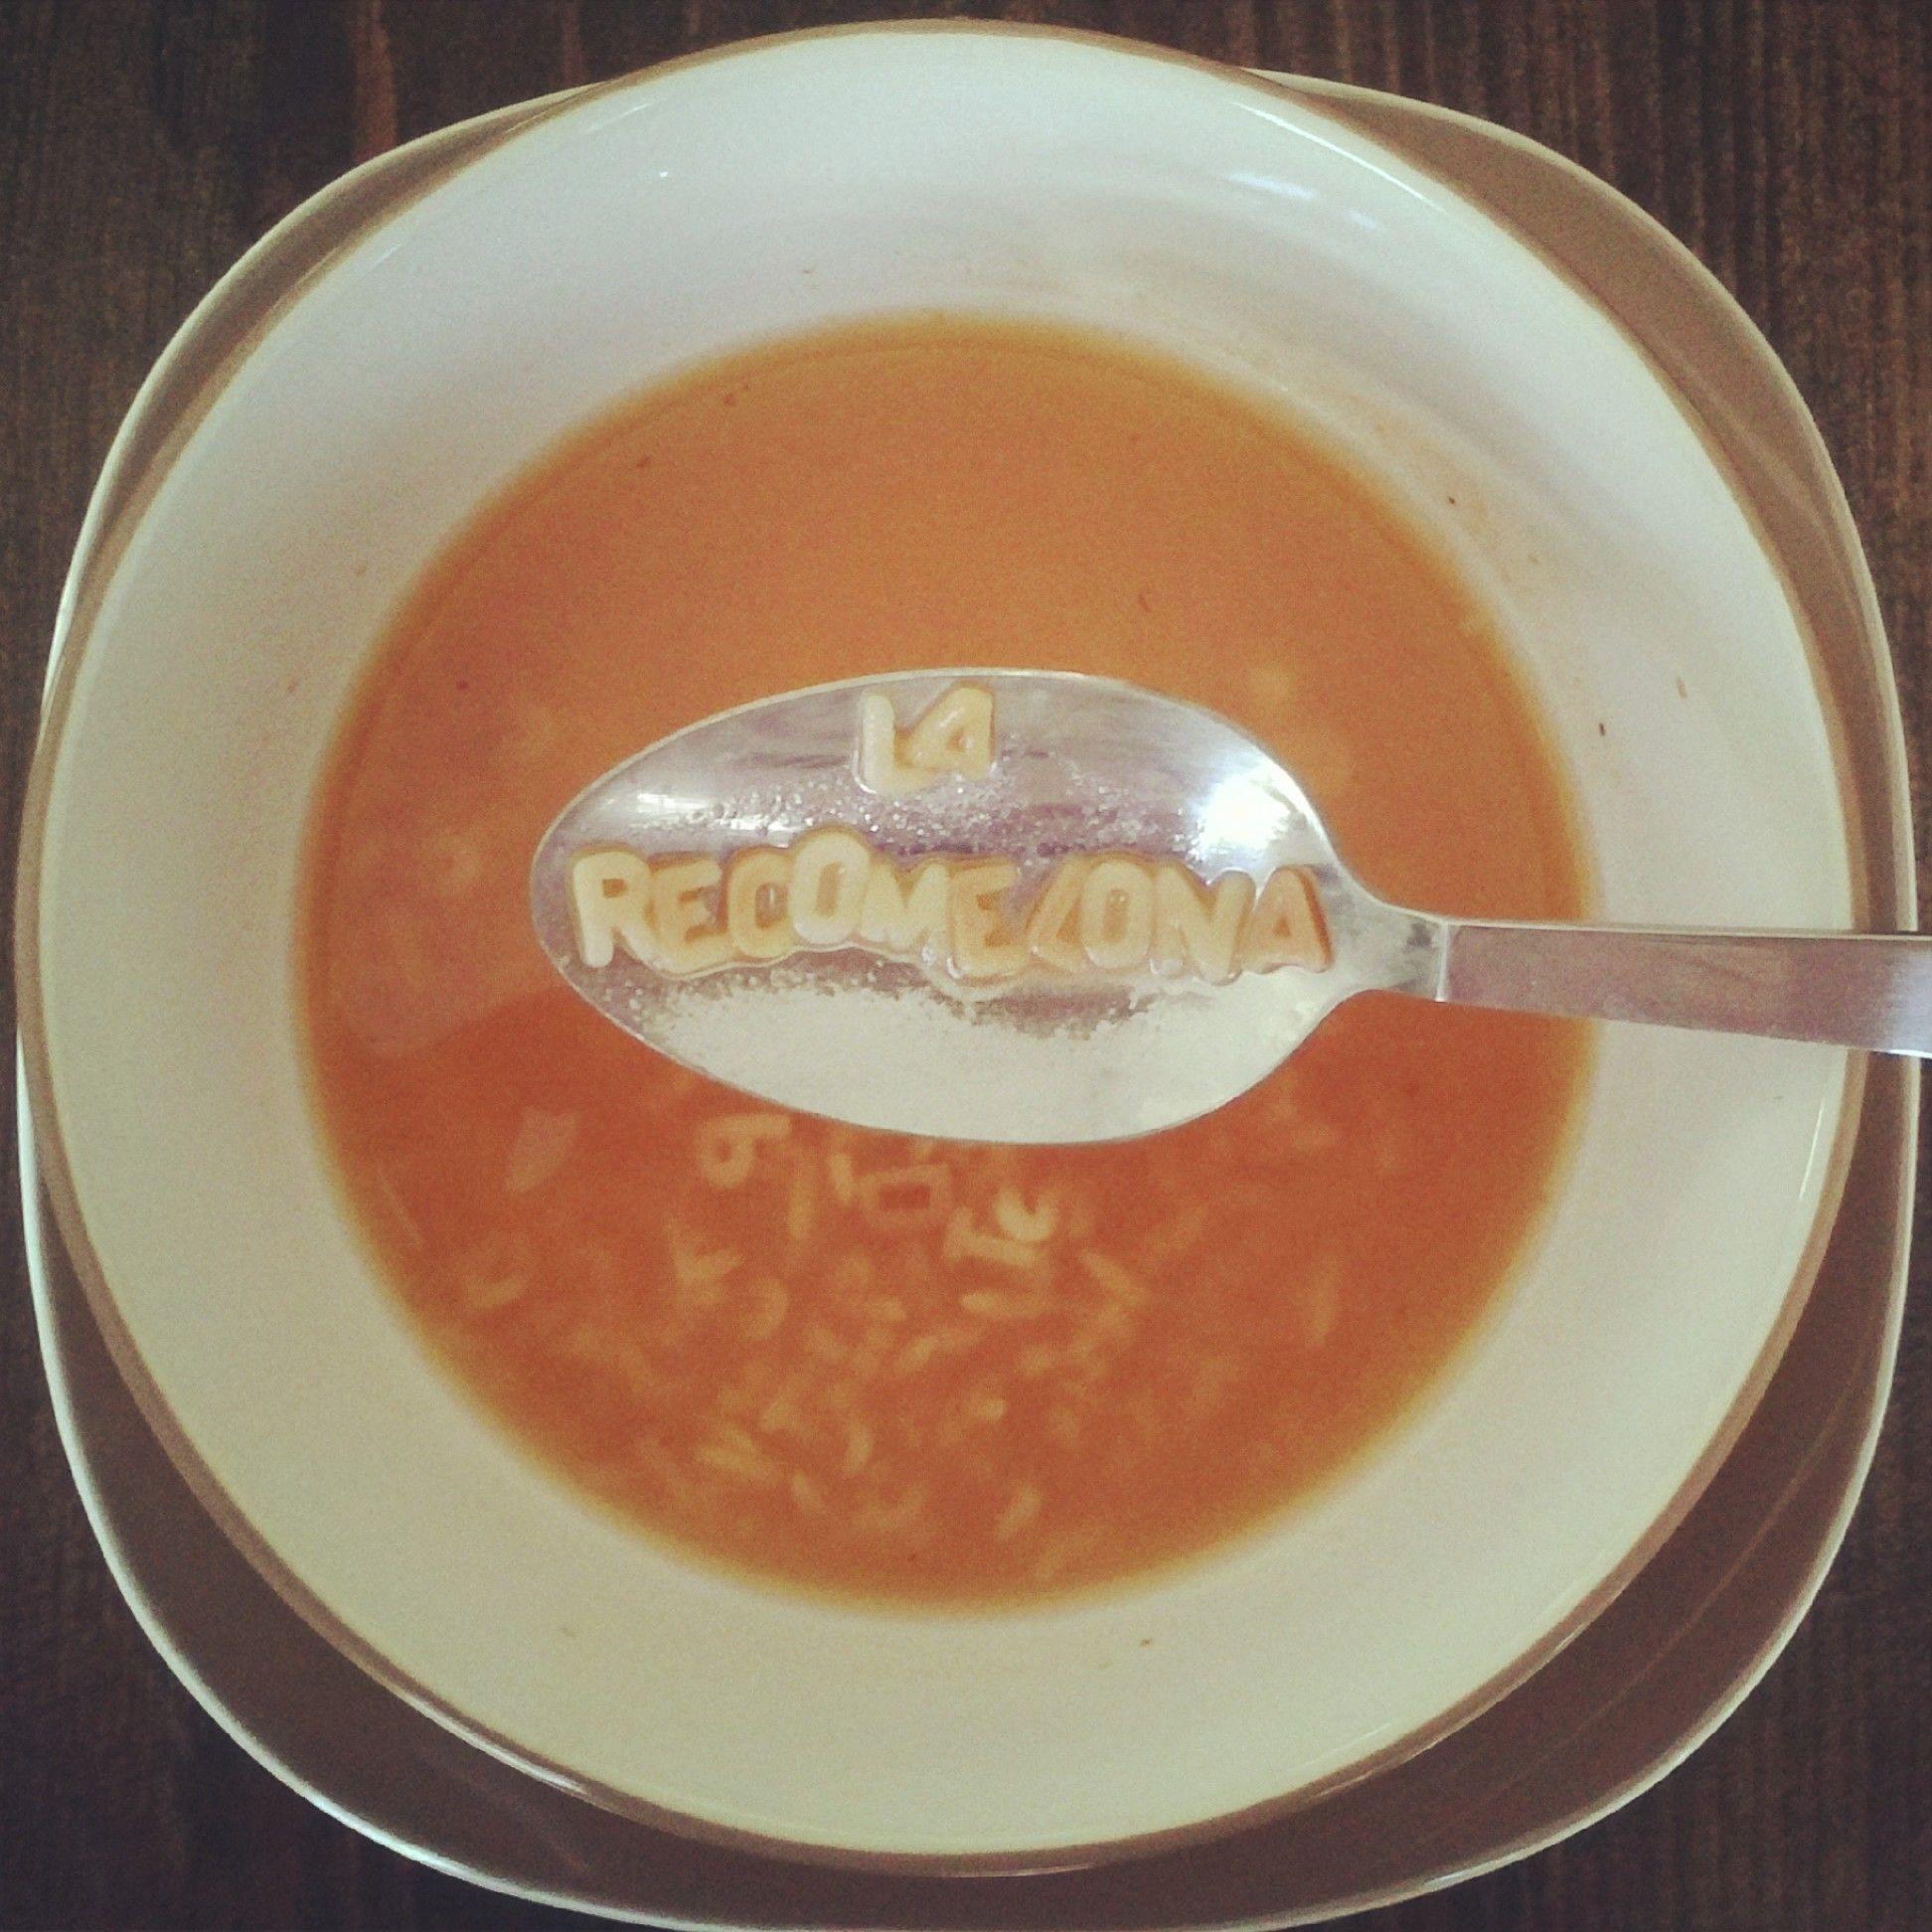 Recetas fáciles y ricas, siguenos:  www.recomelona.wordpress.com en Facebook.com/LaRecomelona